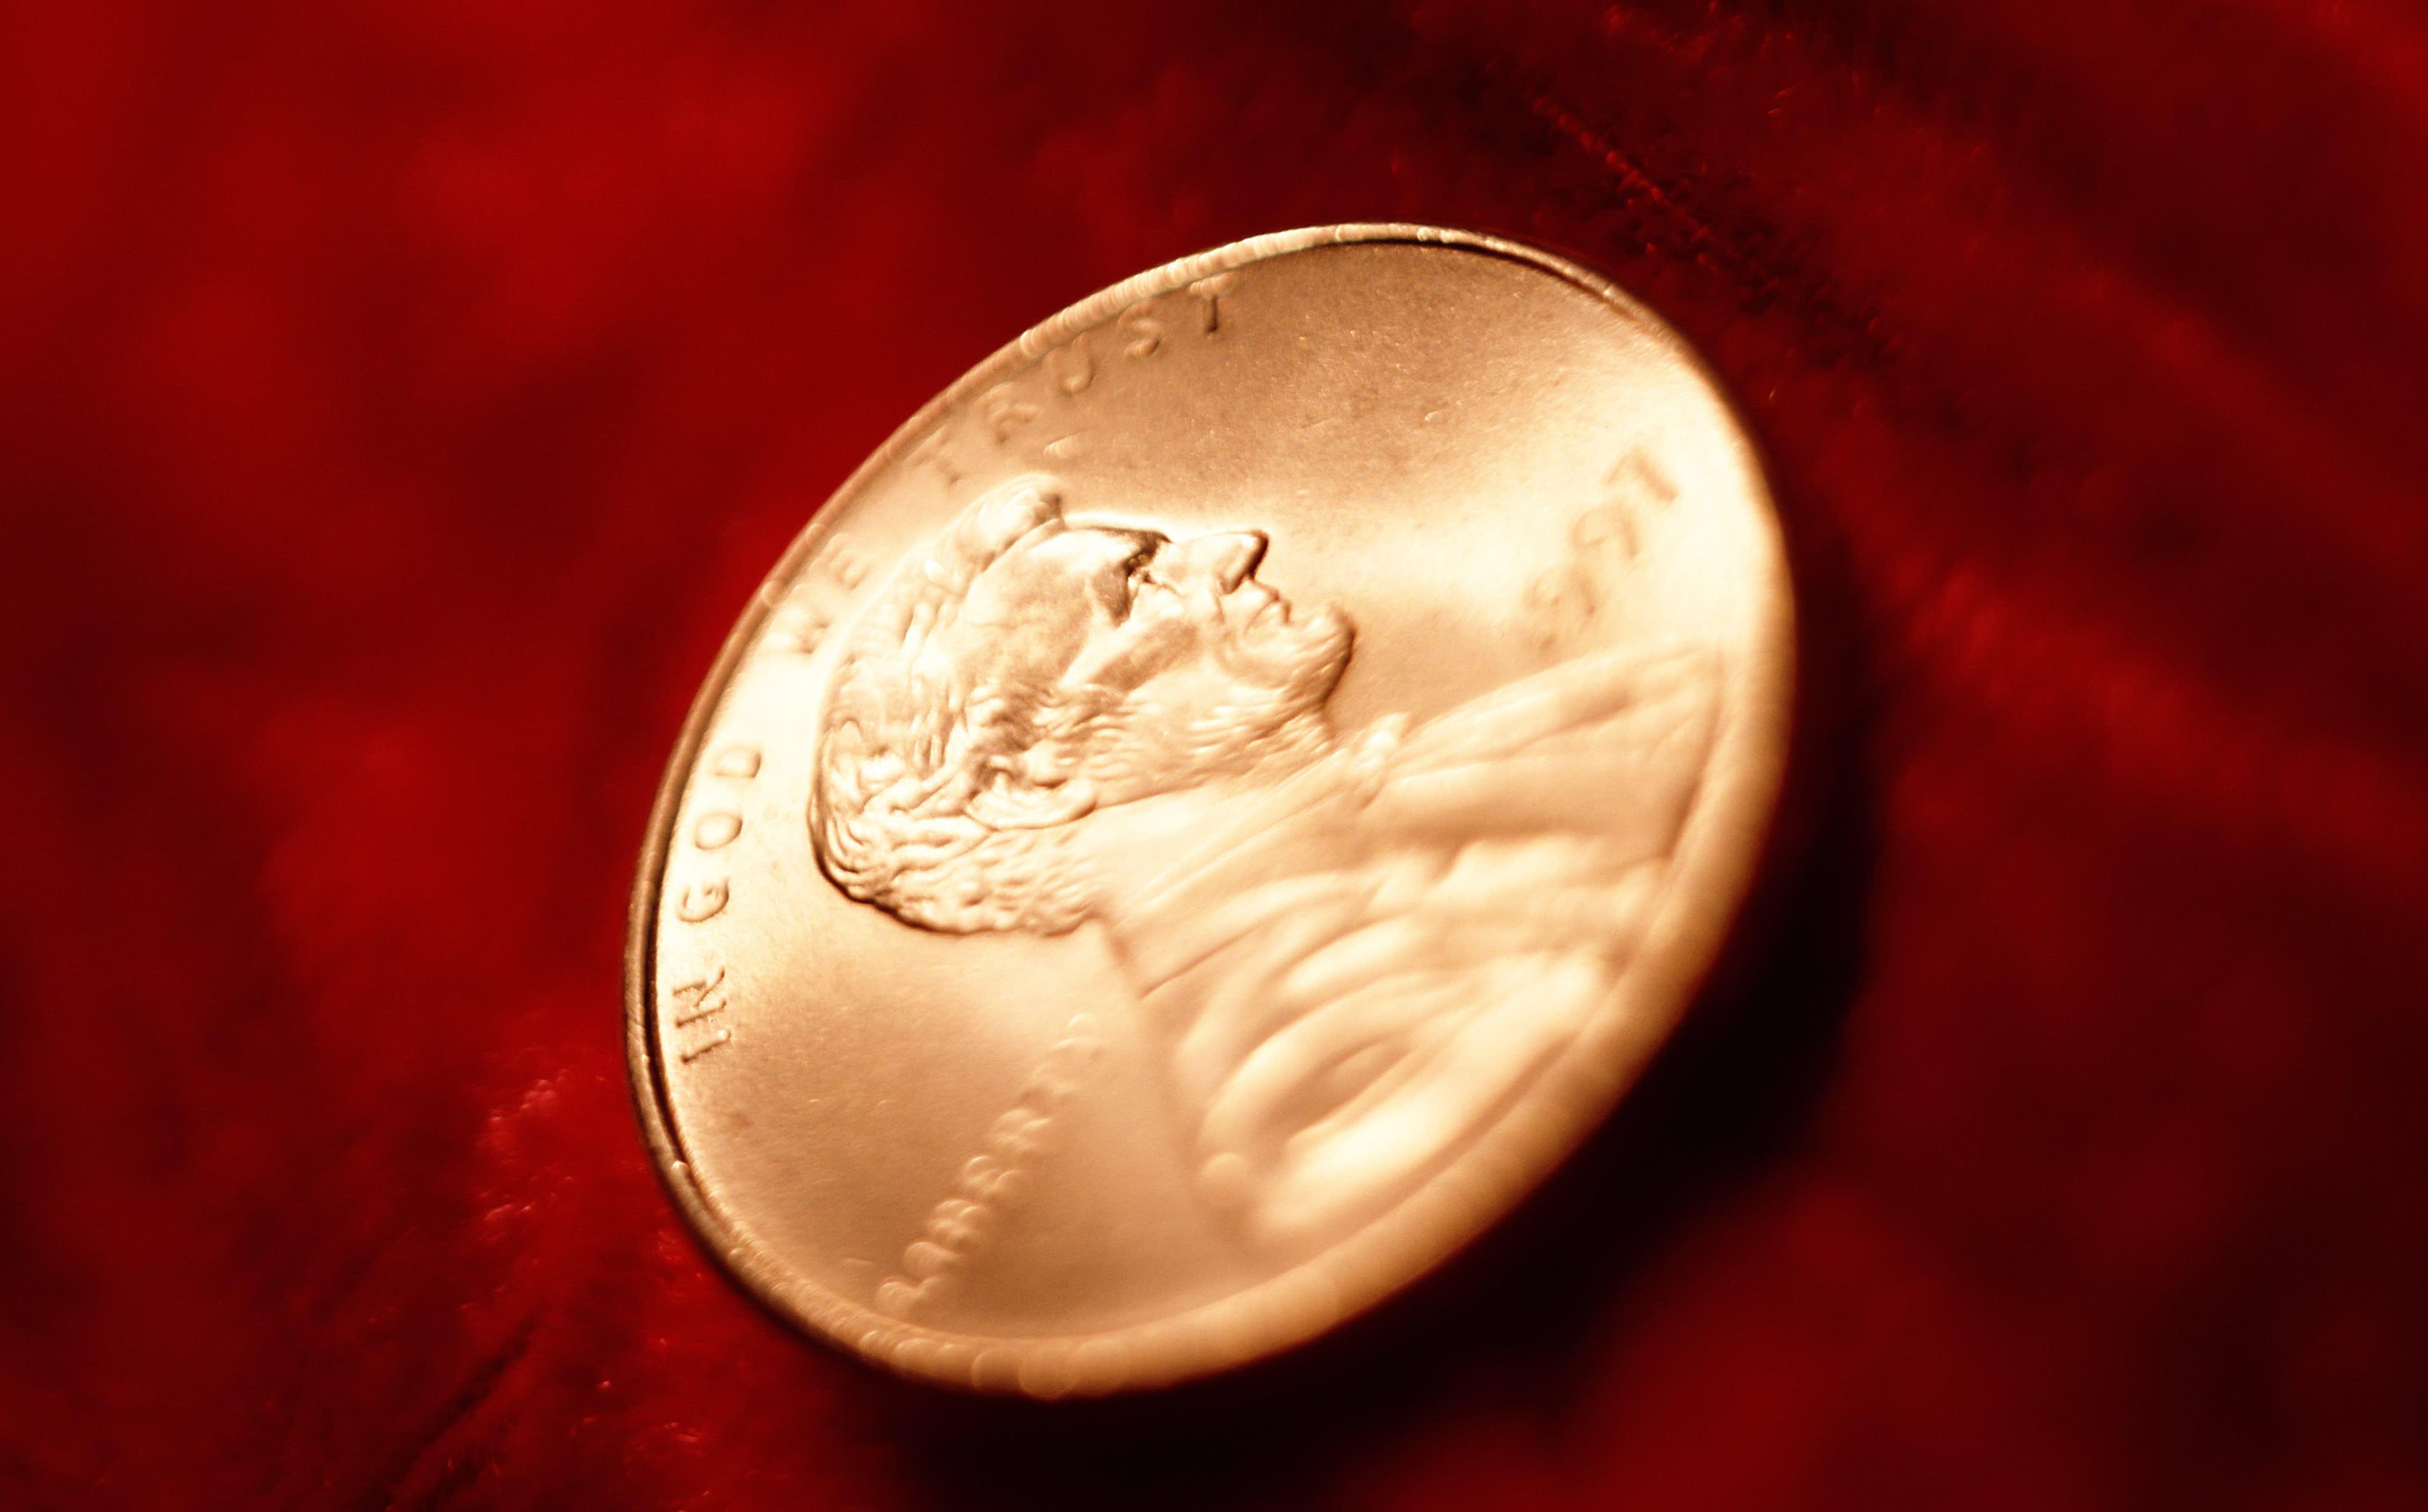 twenty cent piece (united states coin)